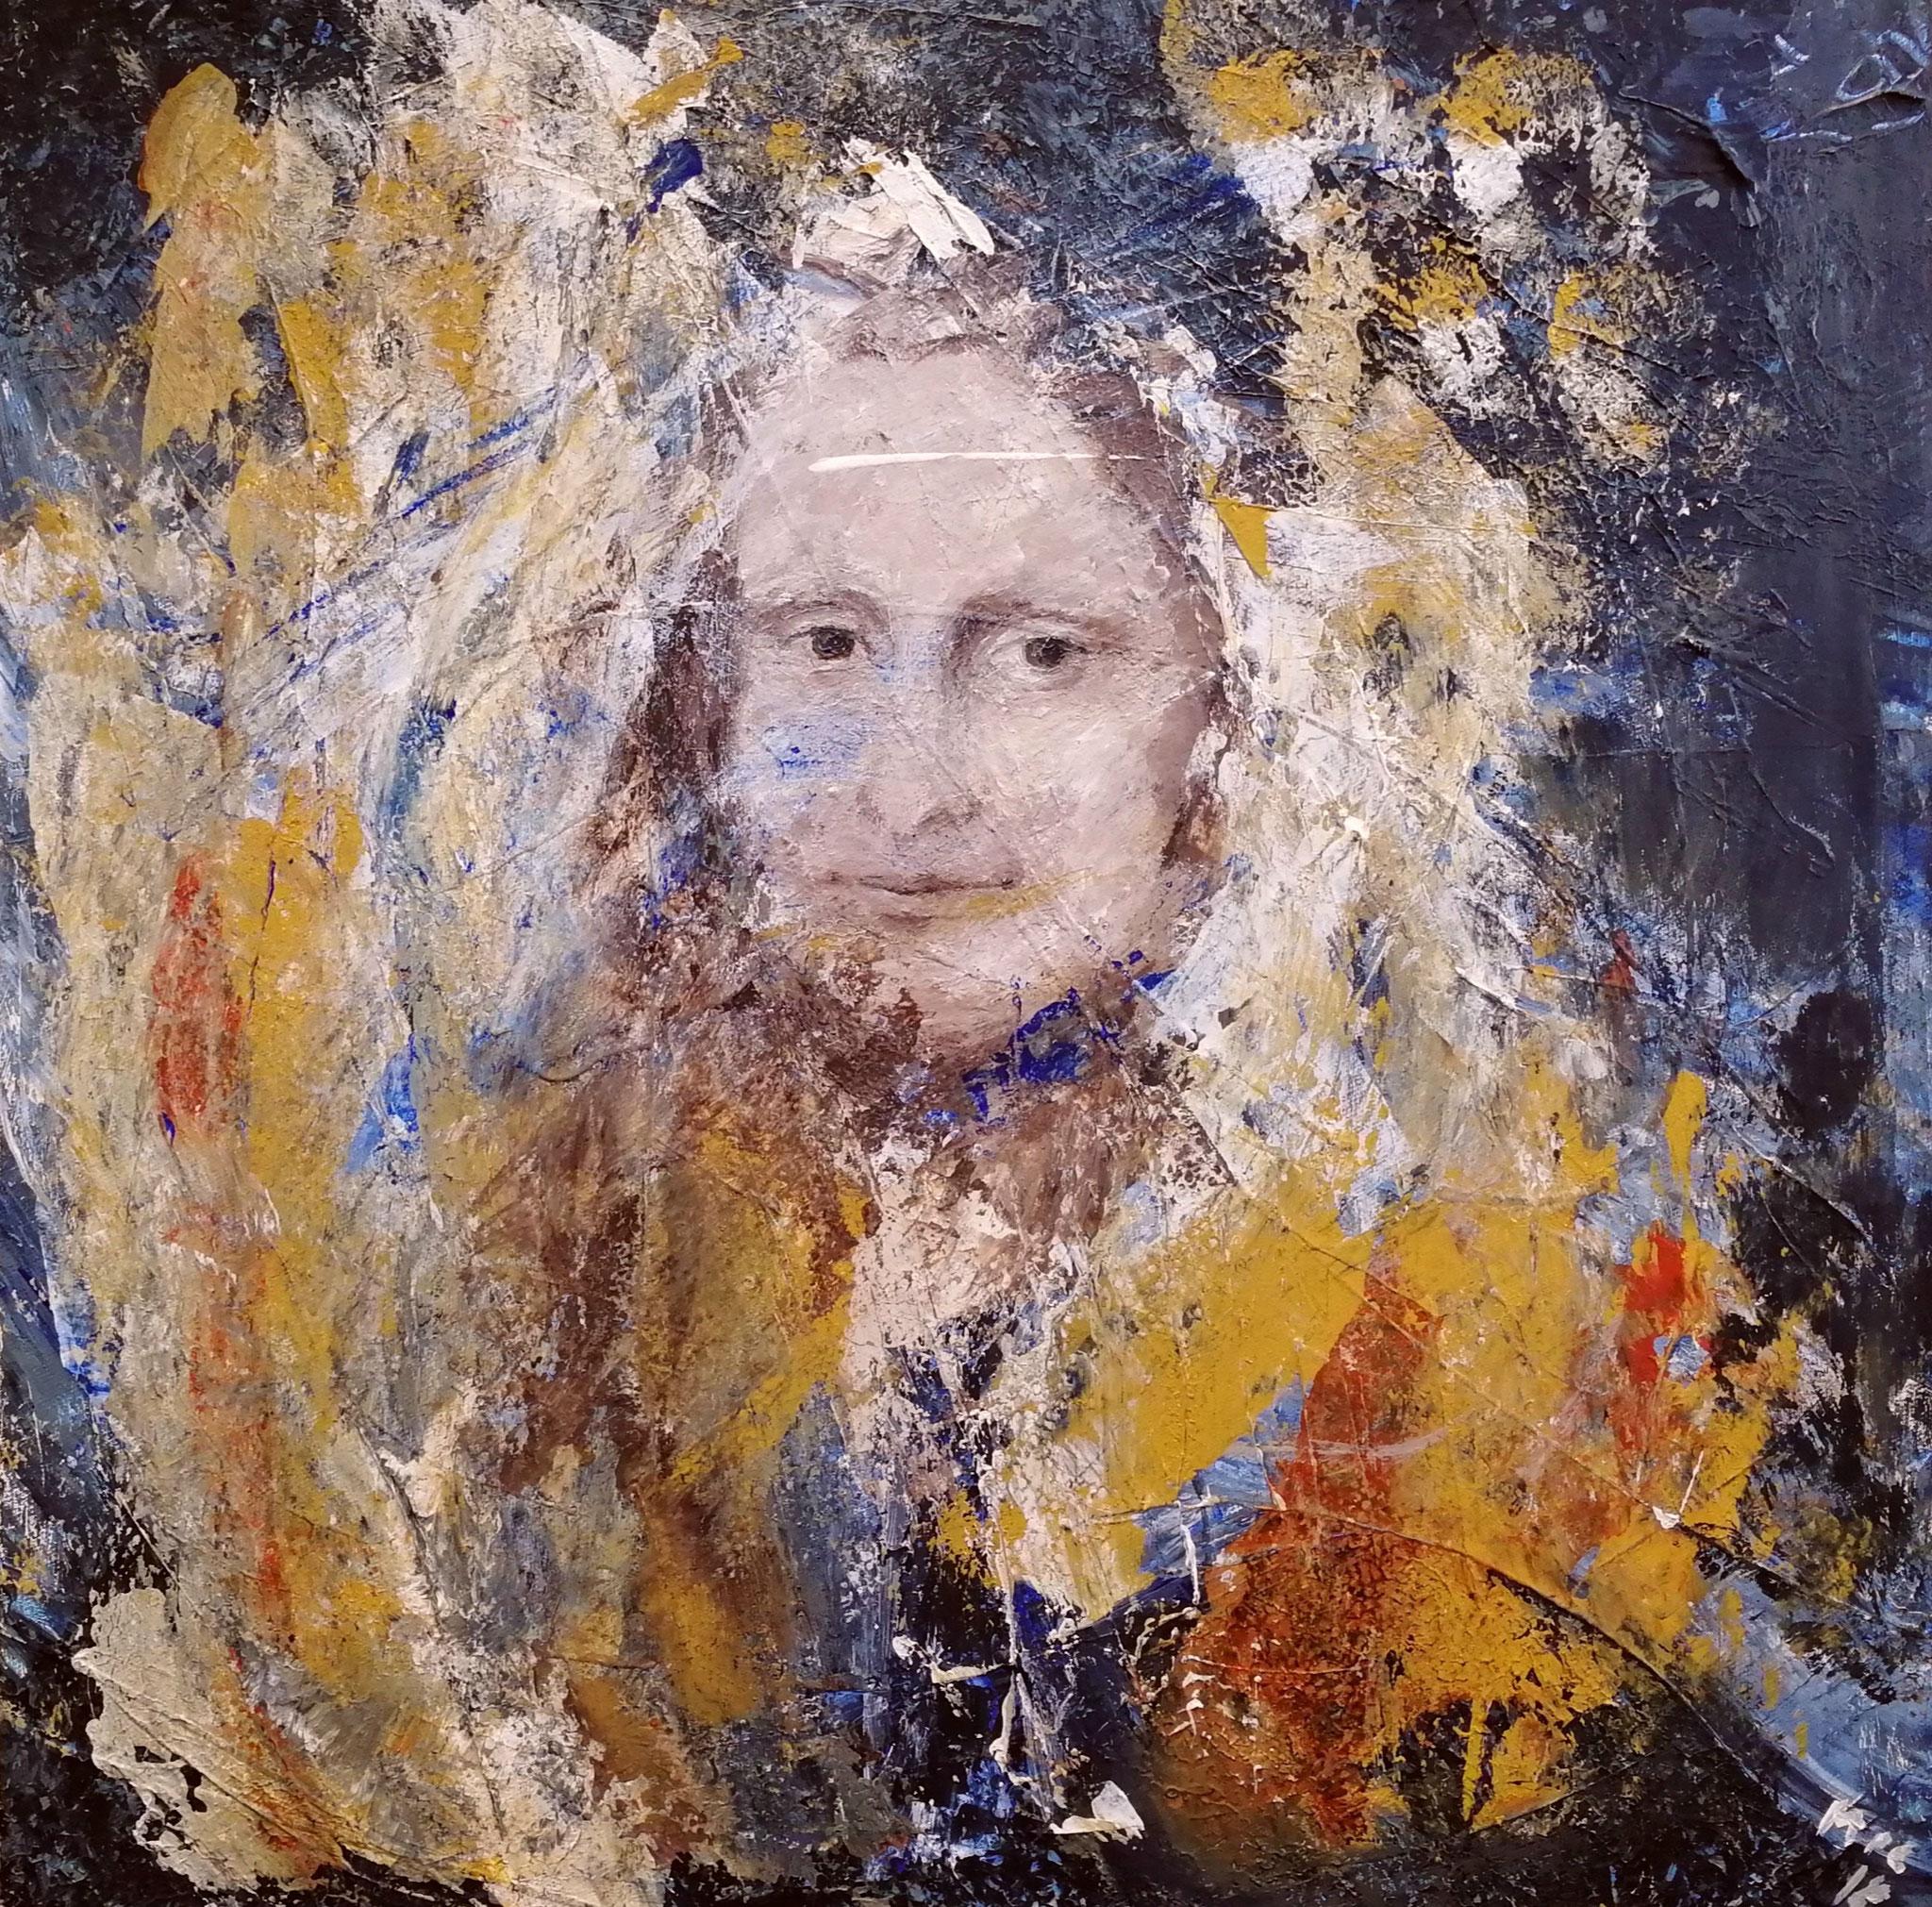 Maria Kolbinger